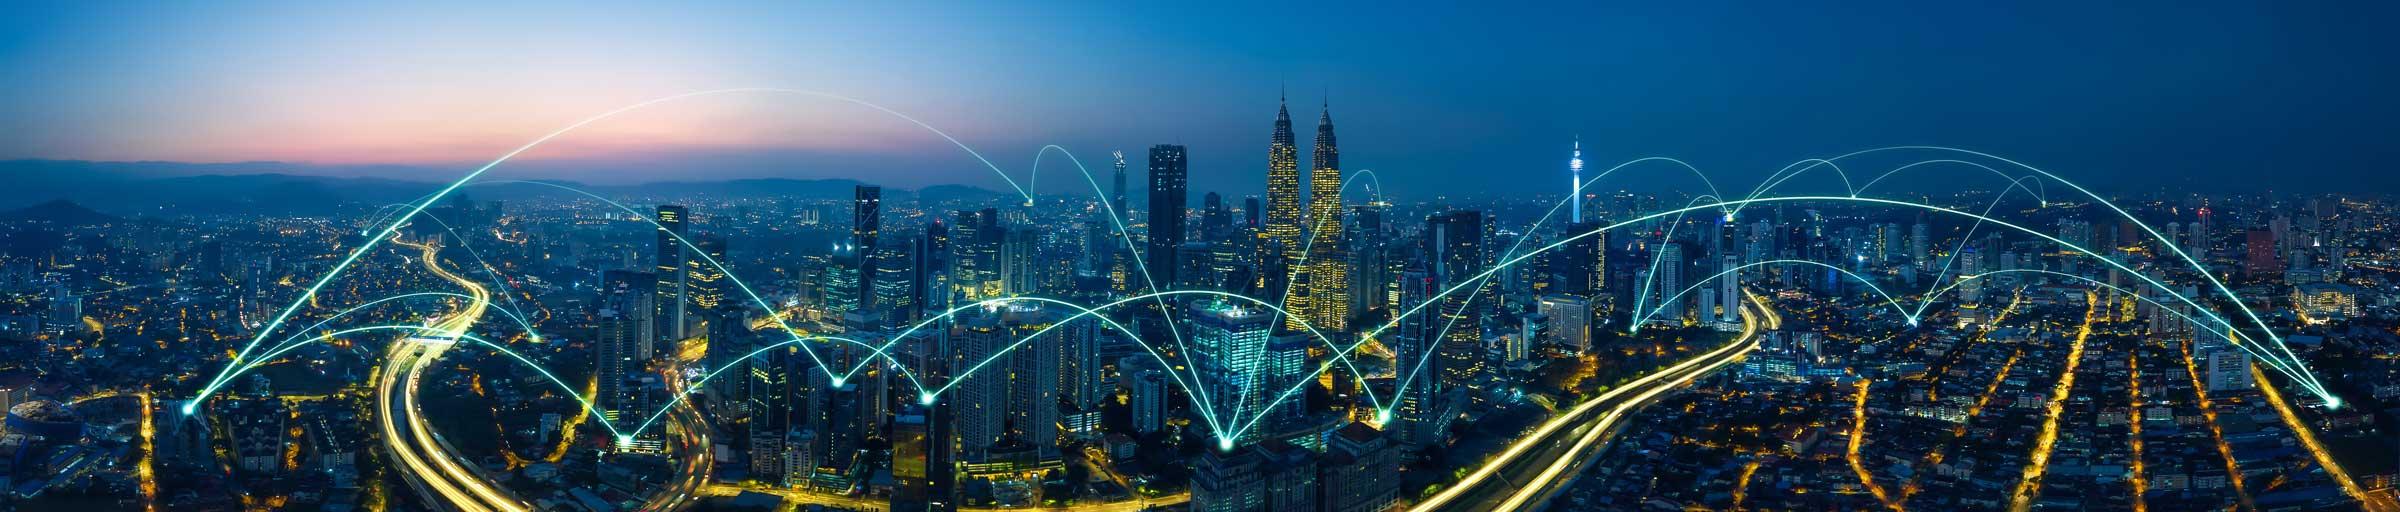 Hier ist eine Skyline einer Großstadt im Abendrot zu sehen. Lichter brennen in den Häusern und Bürogebäuden. Durch Kameraeinstellungen werden diese Lichter auf den Straßen zu einer Linie zusammengeführt. Das Bild steht für Agilität und Technologie.